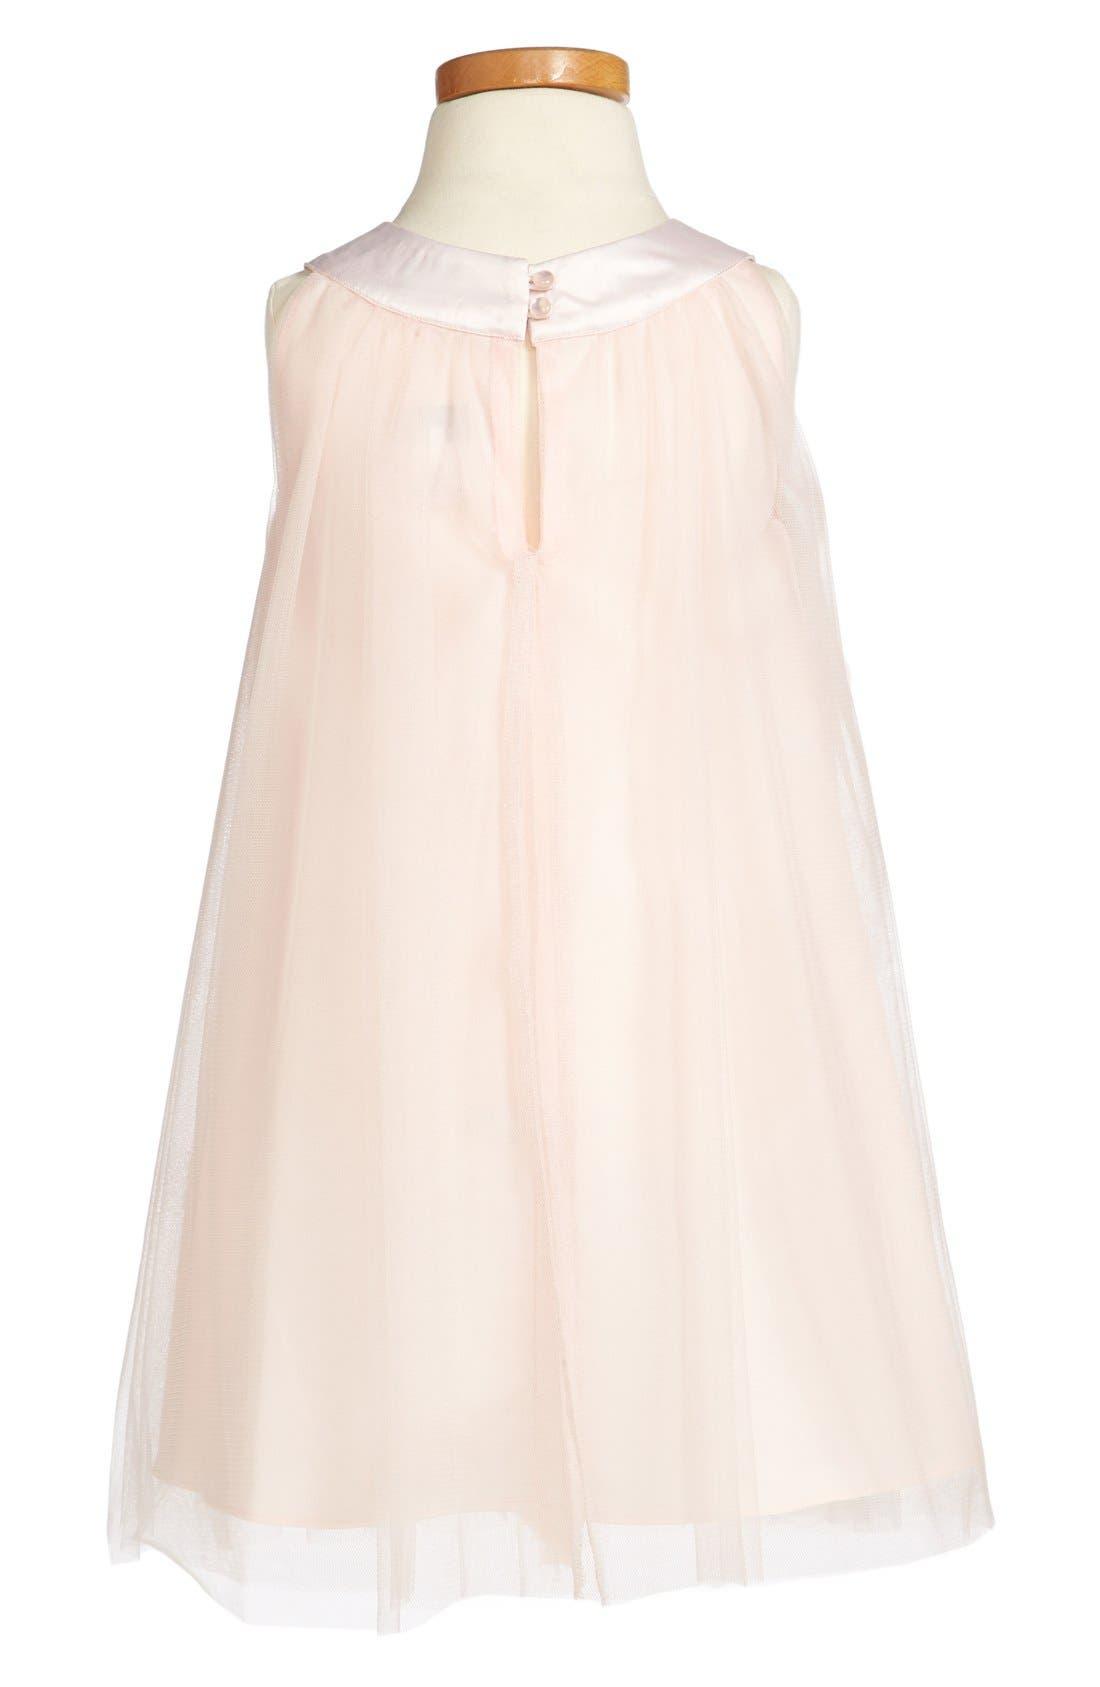 Alternate Image 2  - Us Angels Embellished Dress (Baby Girls & Toddler Girls) (Online Only)